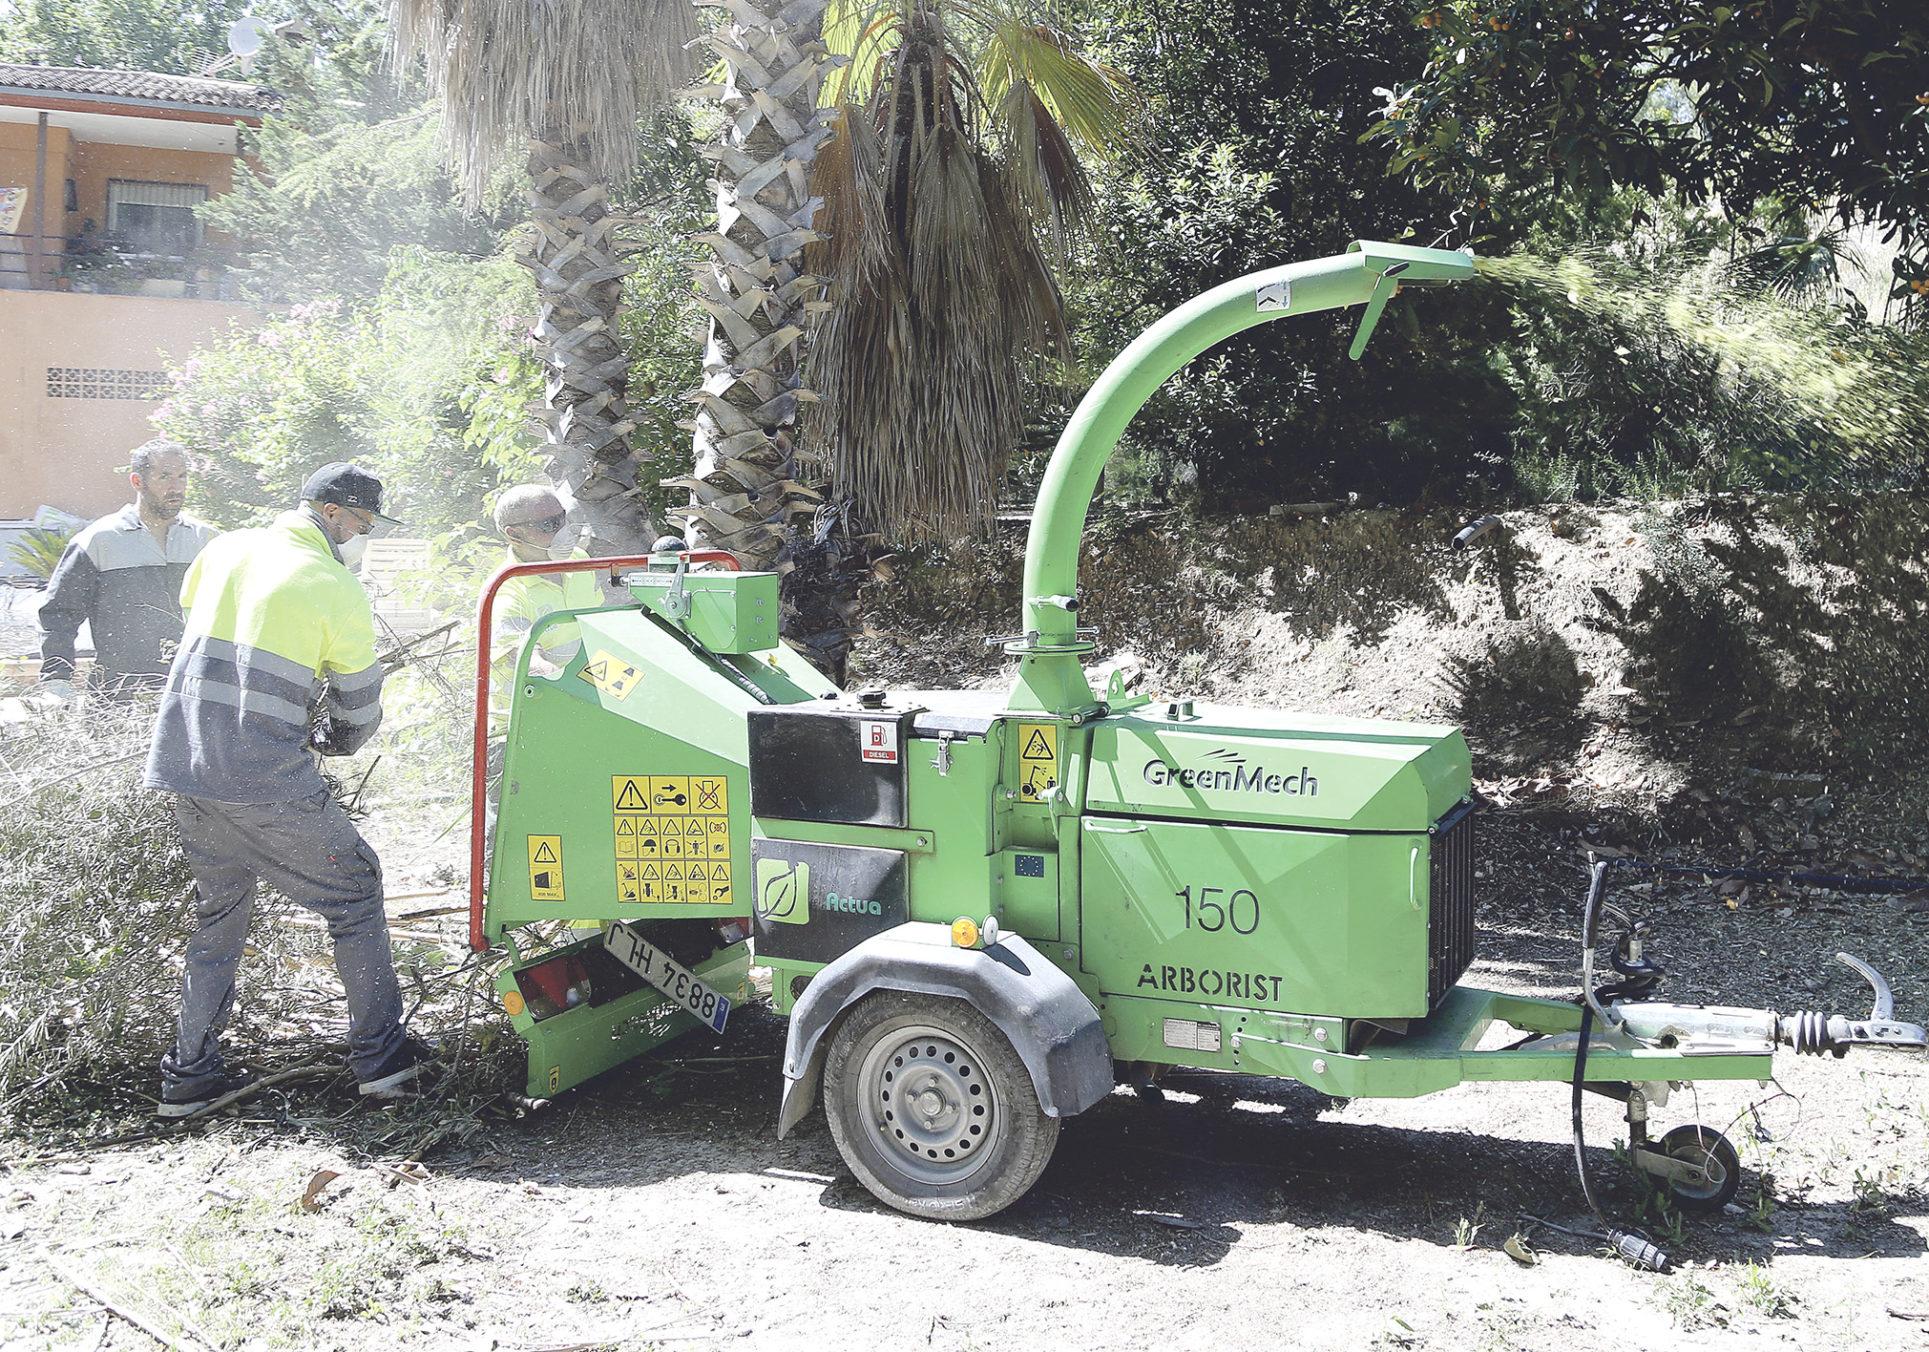 238 ontinyentins opten per triturar les restes agrícoles enfront de la crema El Periòdic d'Ontinyent